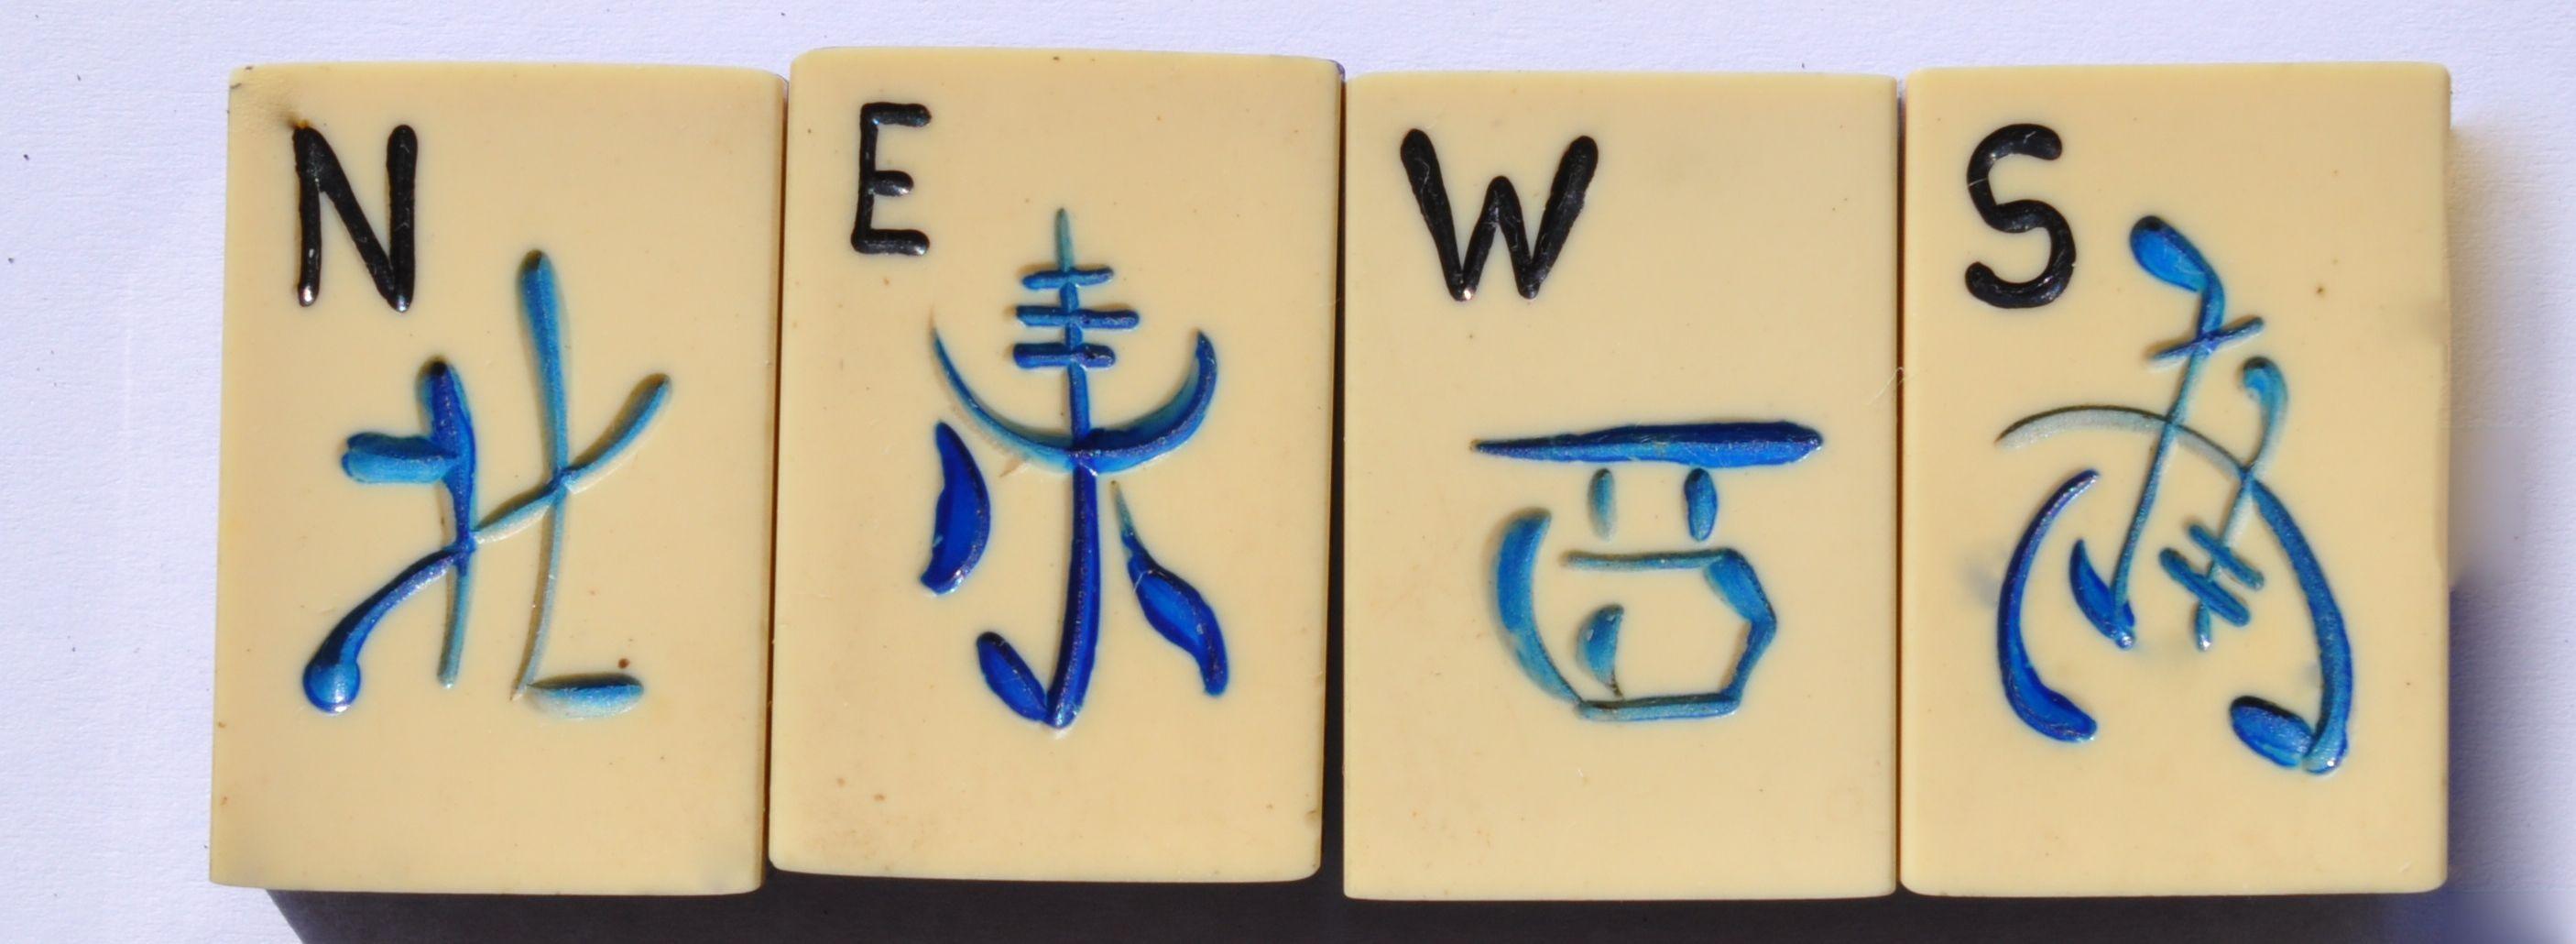 Understanding The Makeup of the Tiles in Your Mahjong Set